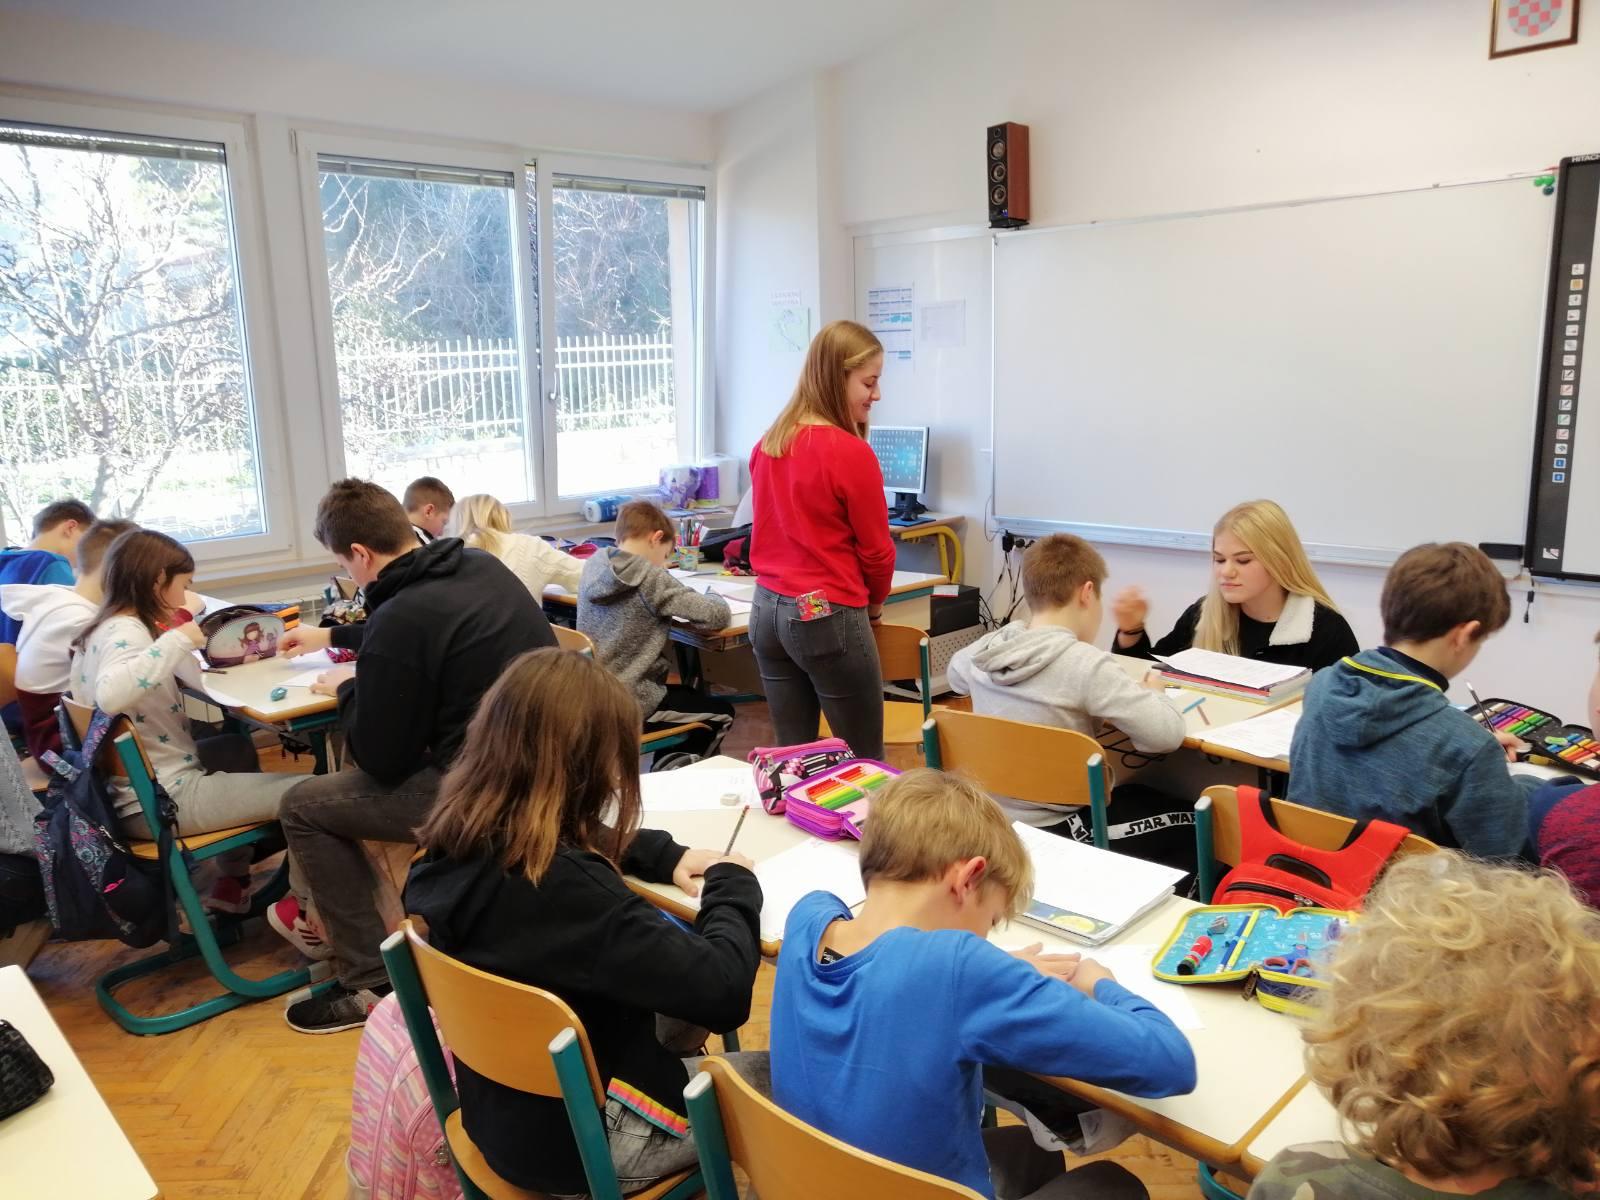 Srednjoškolci Talijanske srednje škole obilježili Svjetski dan čitanja naglas čitajući bajke osnovnoškolcima